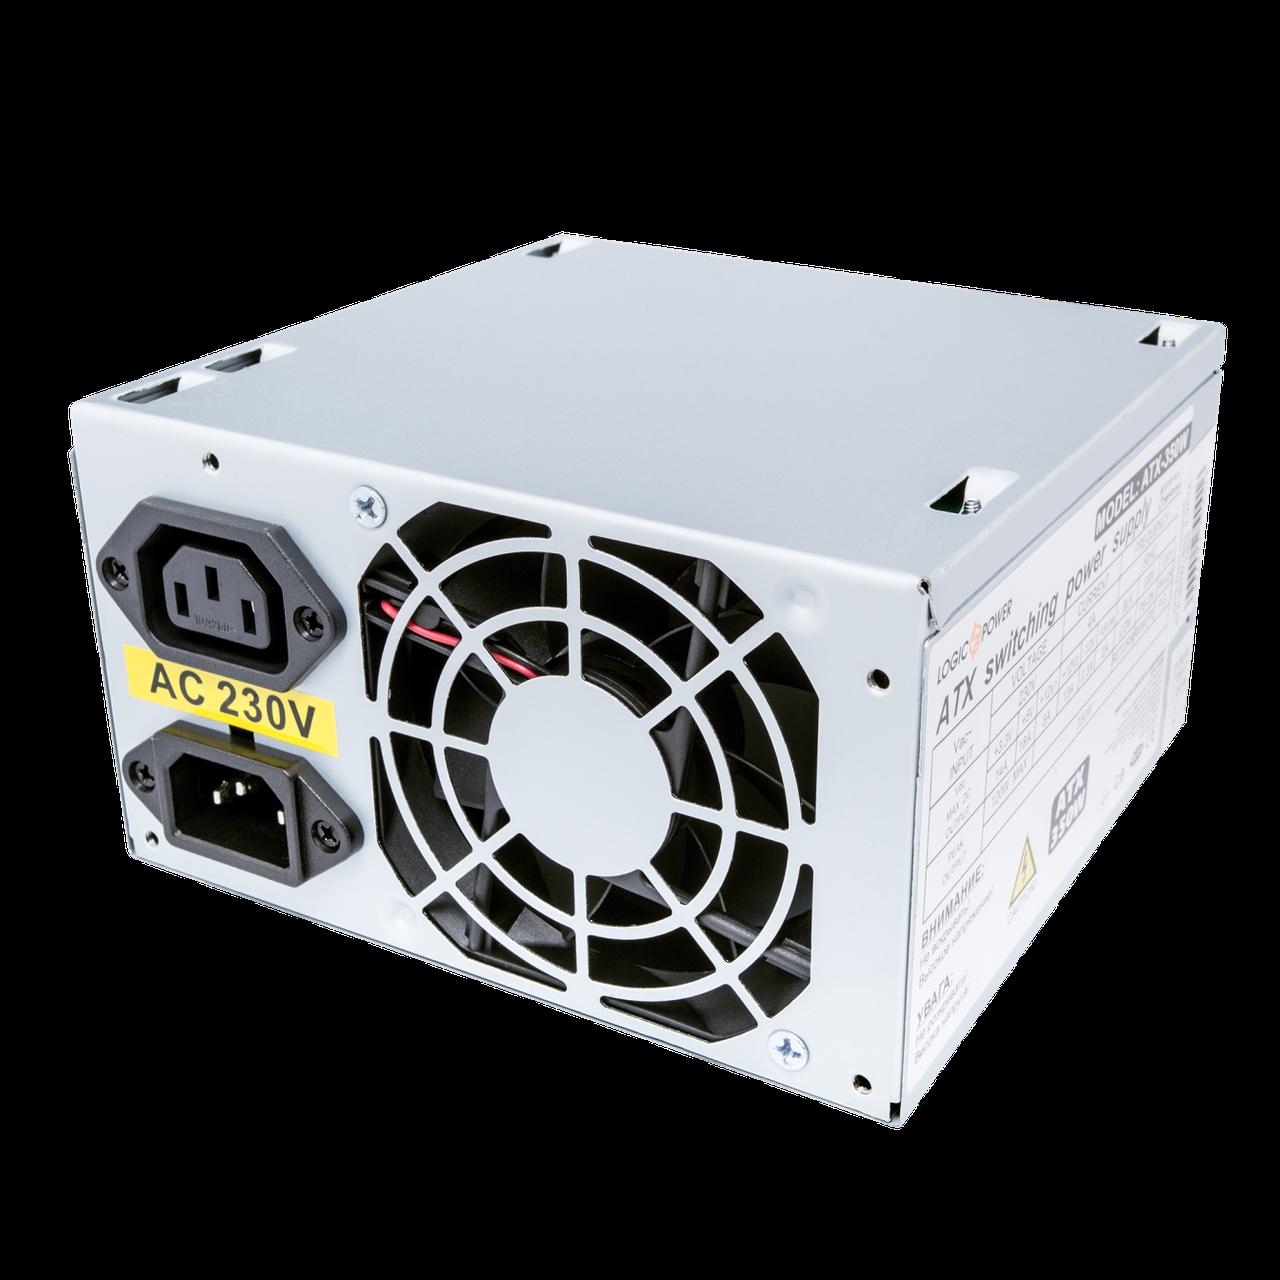 Блок питания ATX-350W, 8см, 2 SATA, OEM